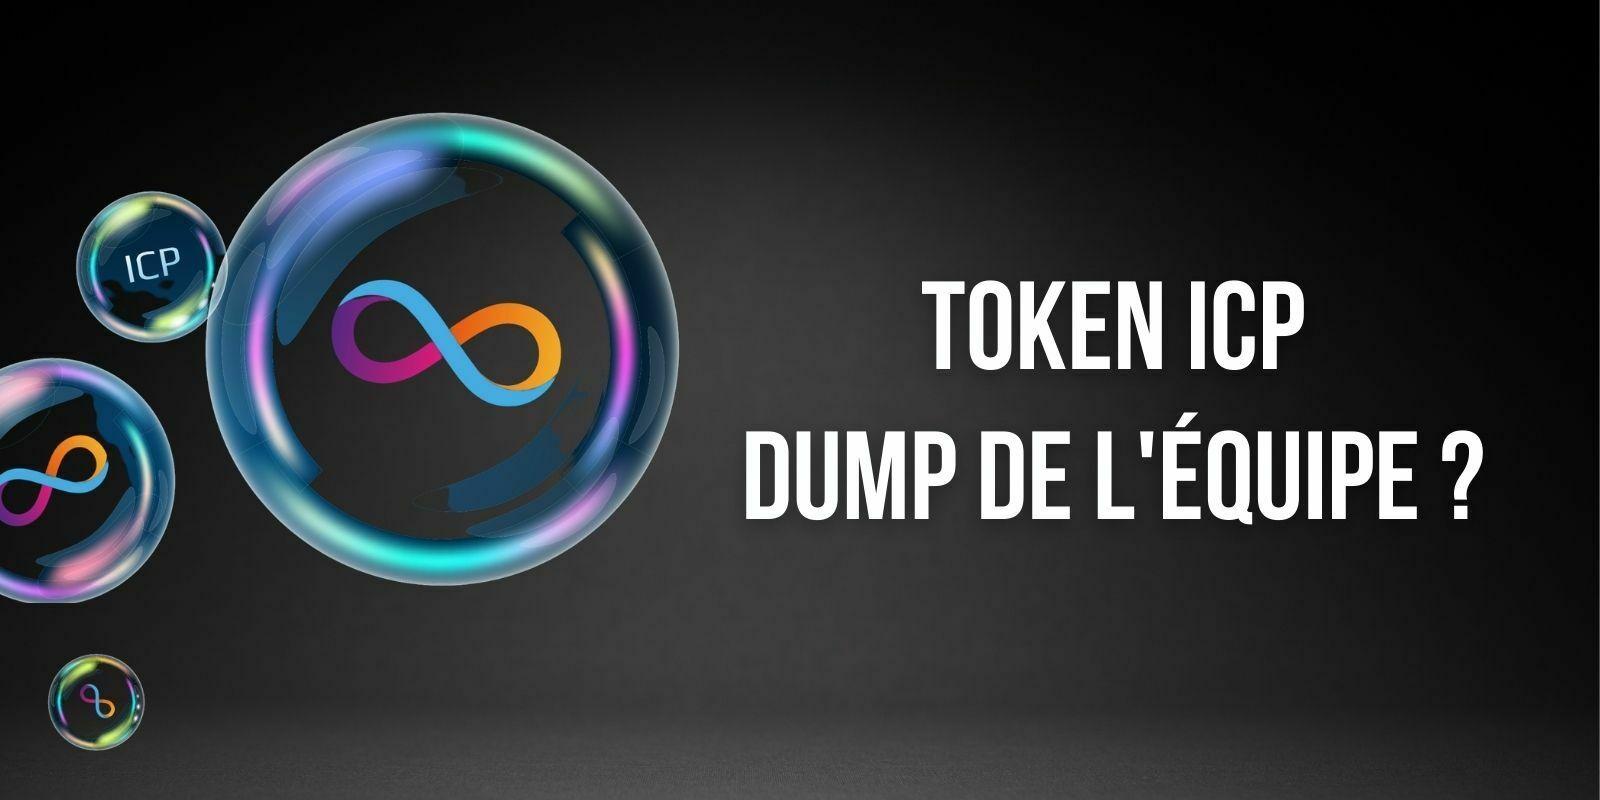 L'équipe d'Internet Computer (ICP) face à des allégations de dump – Le token a perdu 95% en près de 2 mois